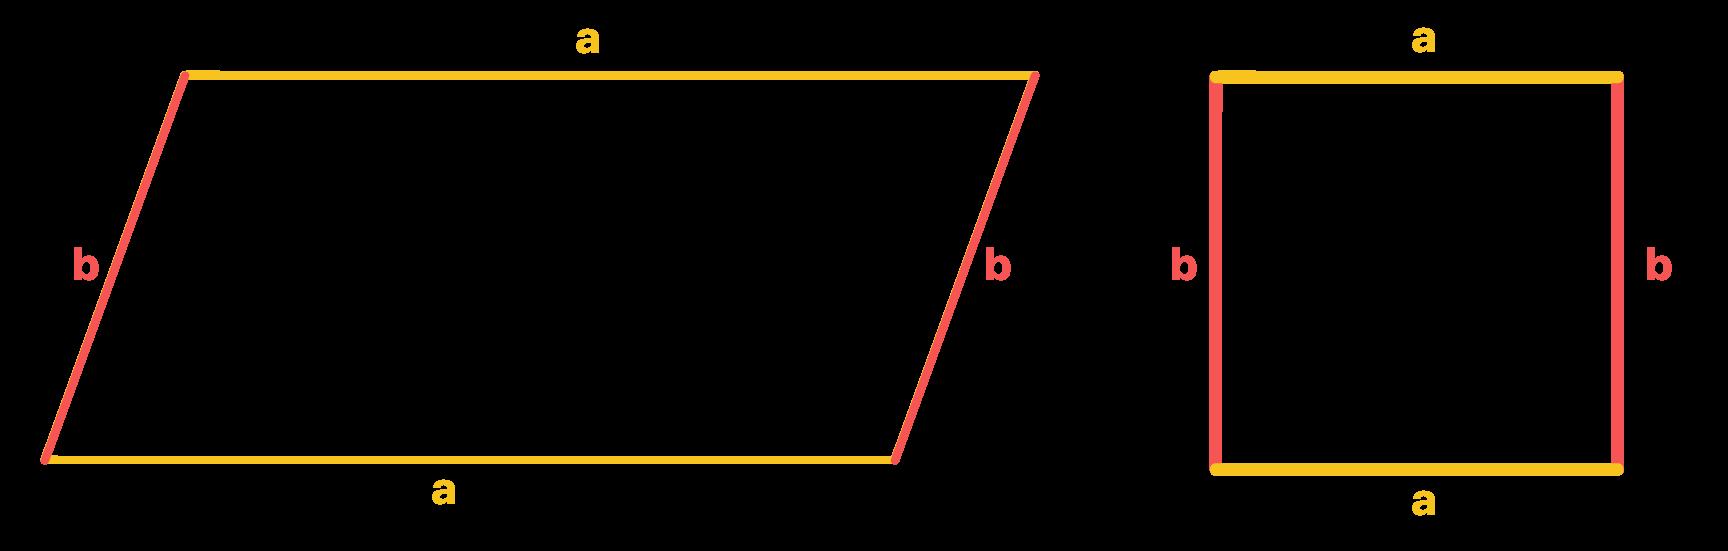 lados opostos do quadrado são paralelos e de compimento a